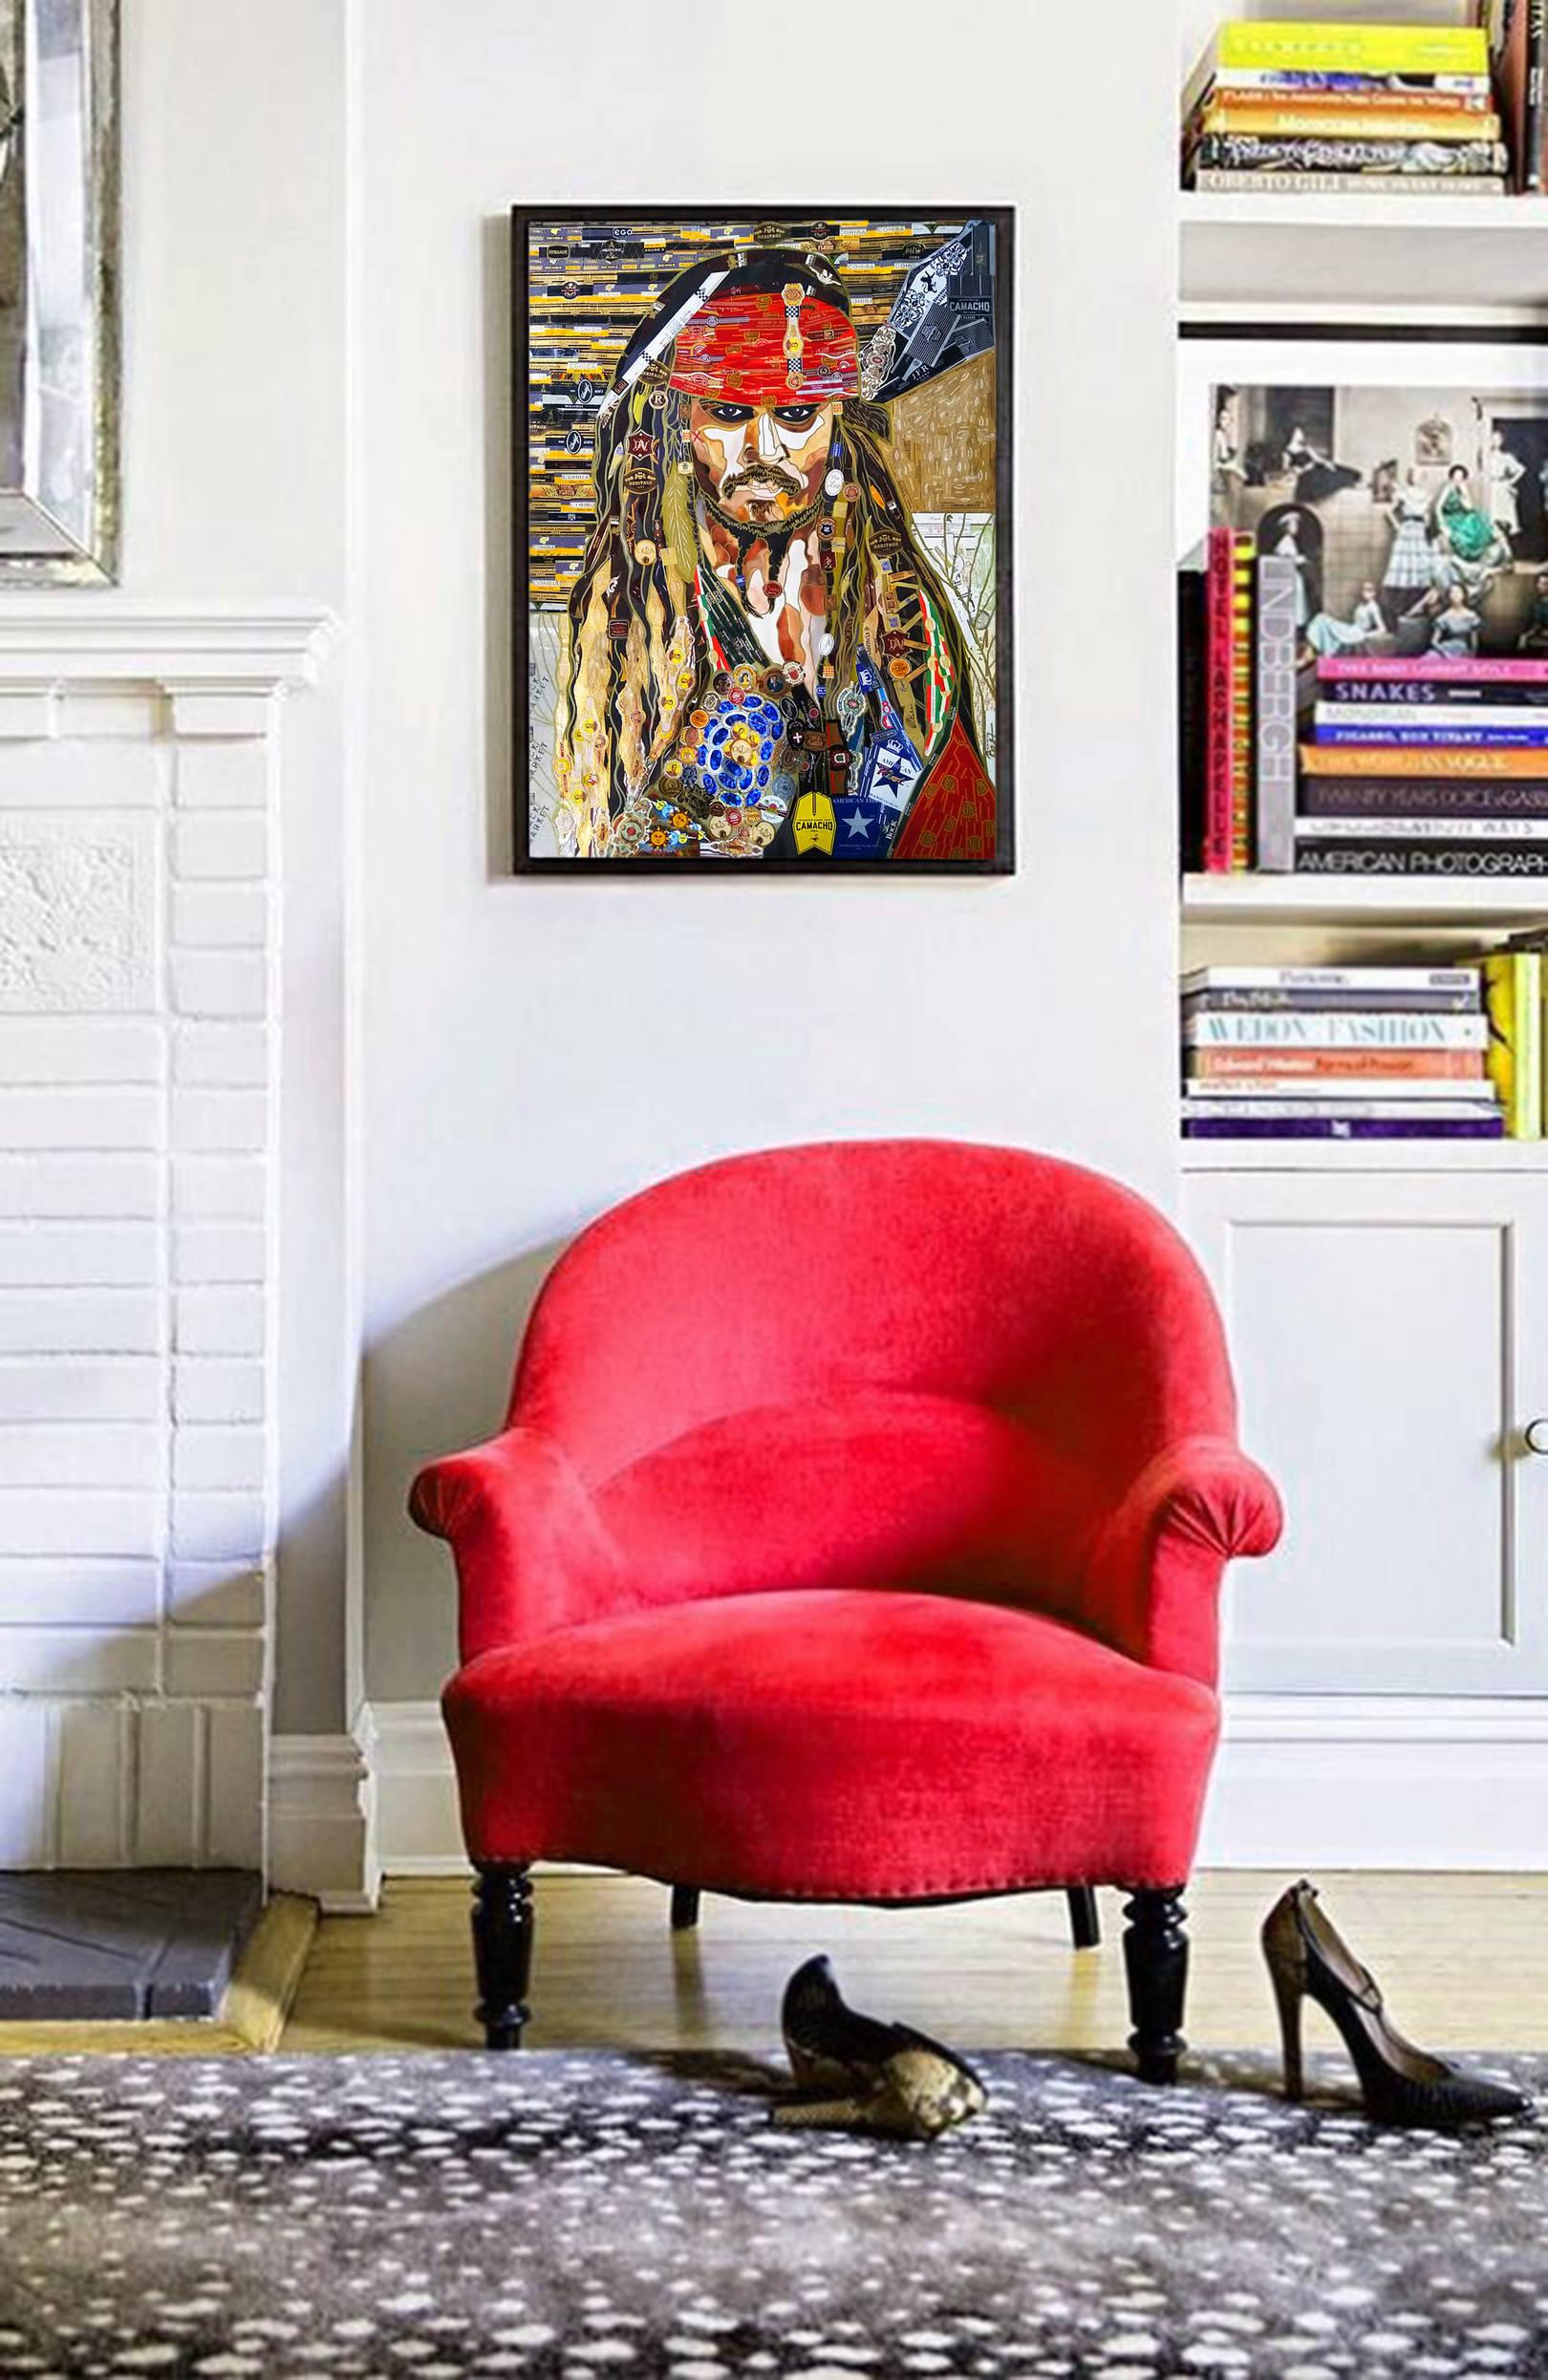 Картина в технике коллаж с портретом Джонни Депа в роли Джека Воробья. Пираты Карибского моря. Материалы - сигарные банты